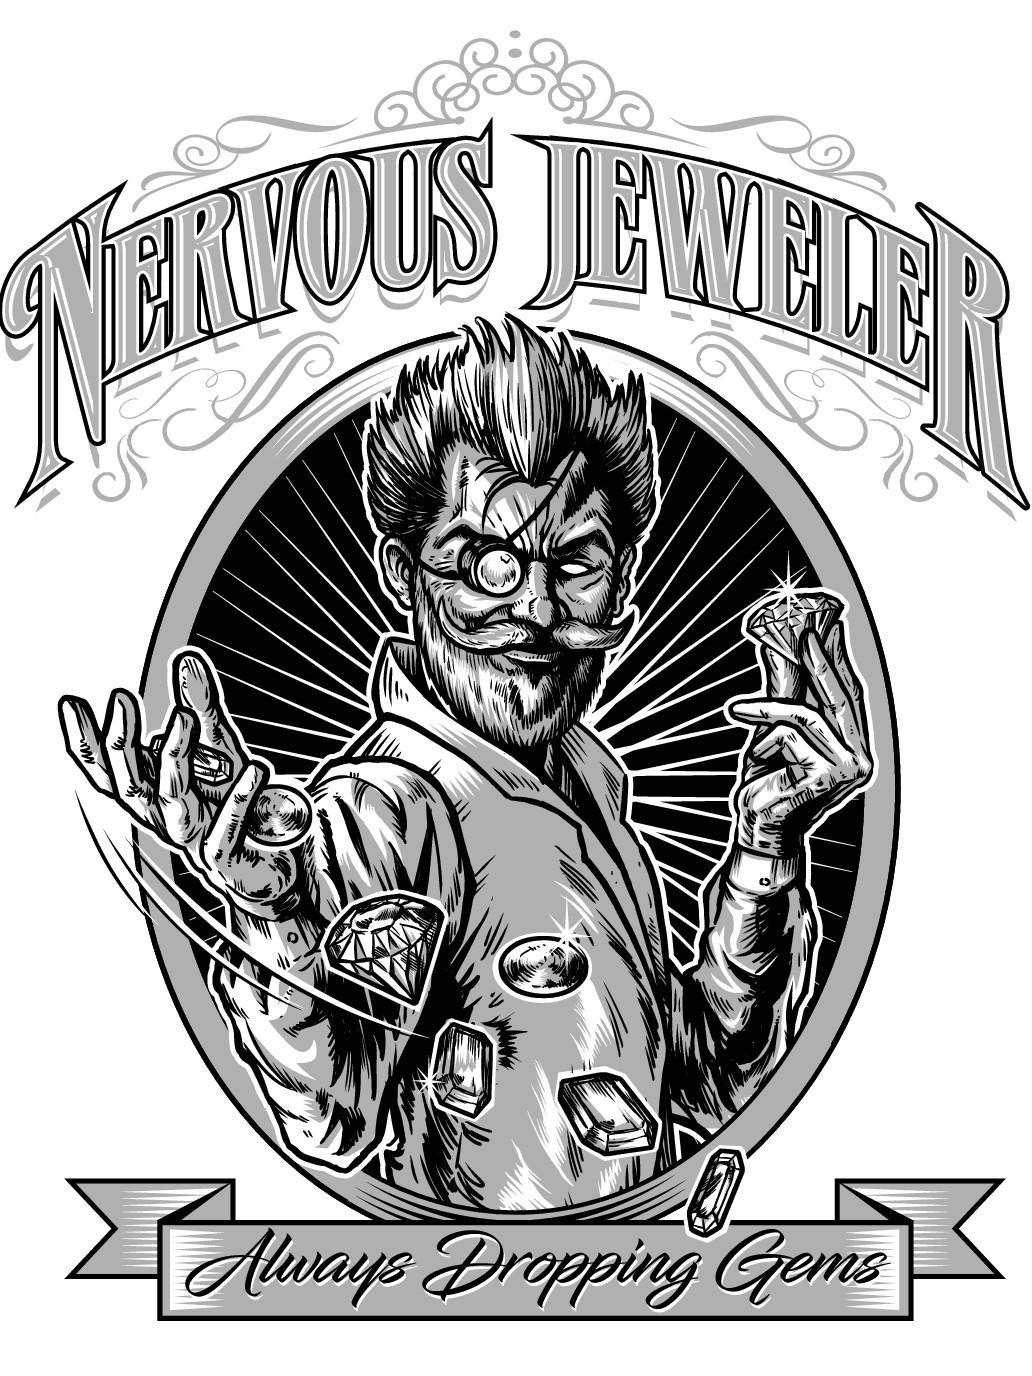 Nervous Jeweler